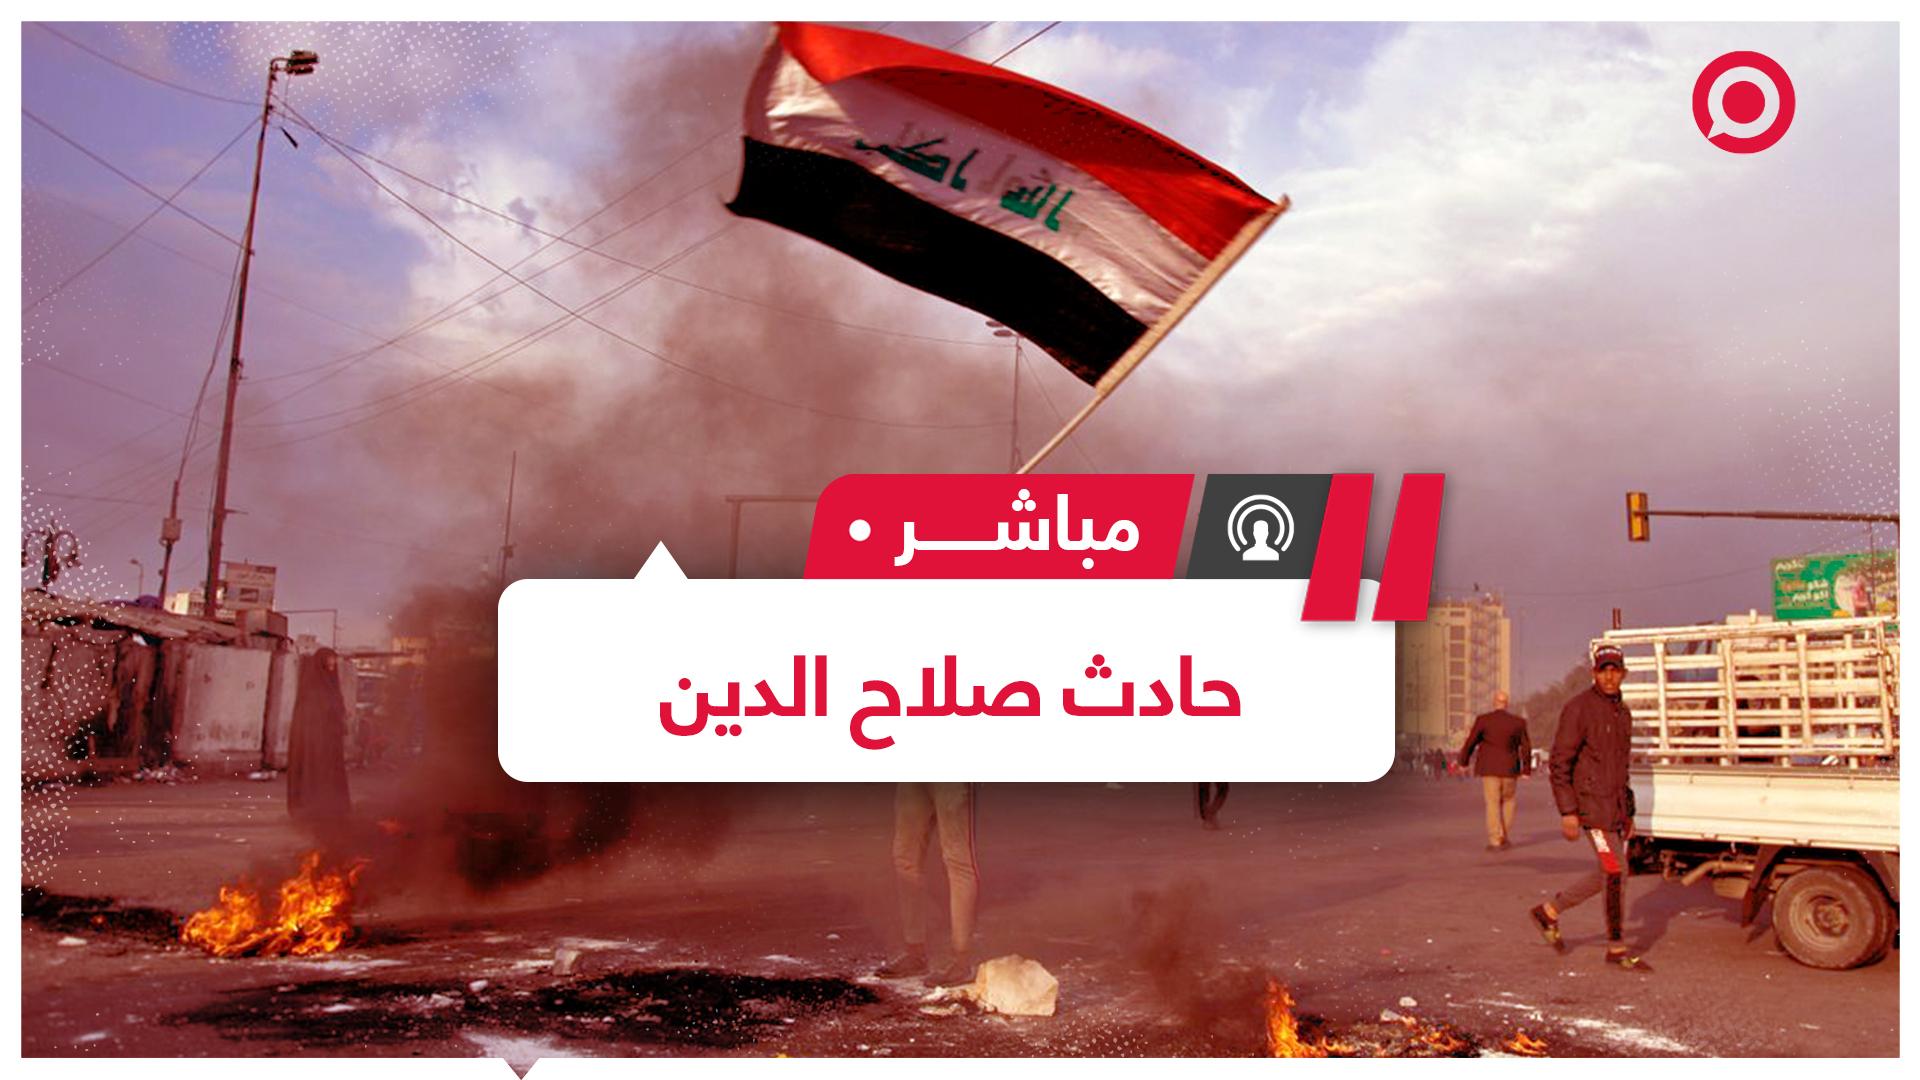 غضب بين العراقيين بعد إعدام 8 مواطنين على يد مسلحين في محافظة صلاح الدين